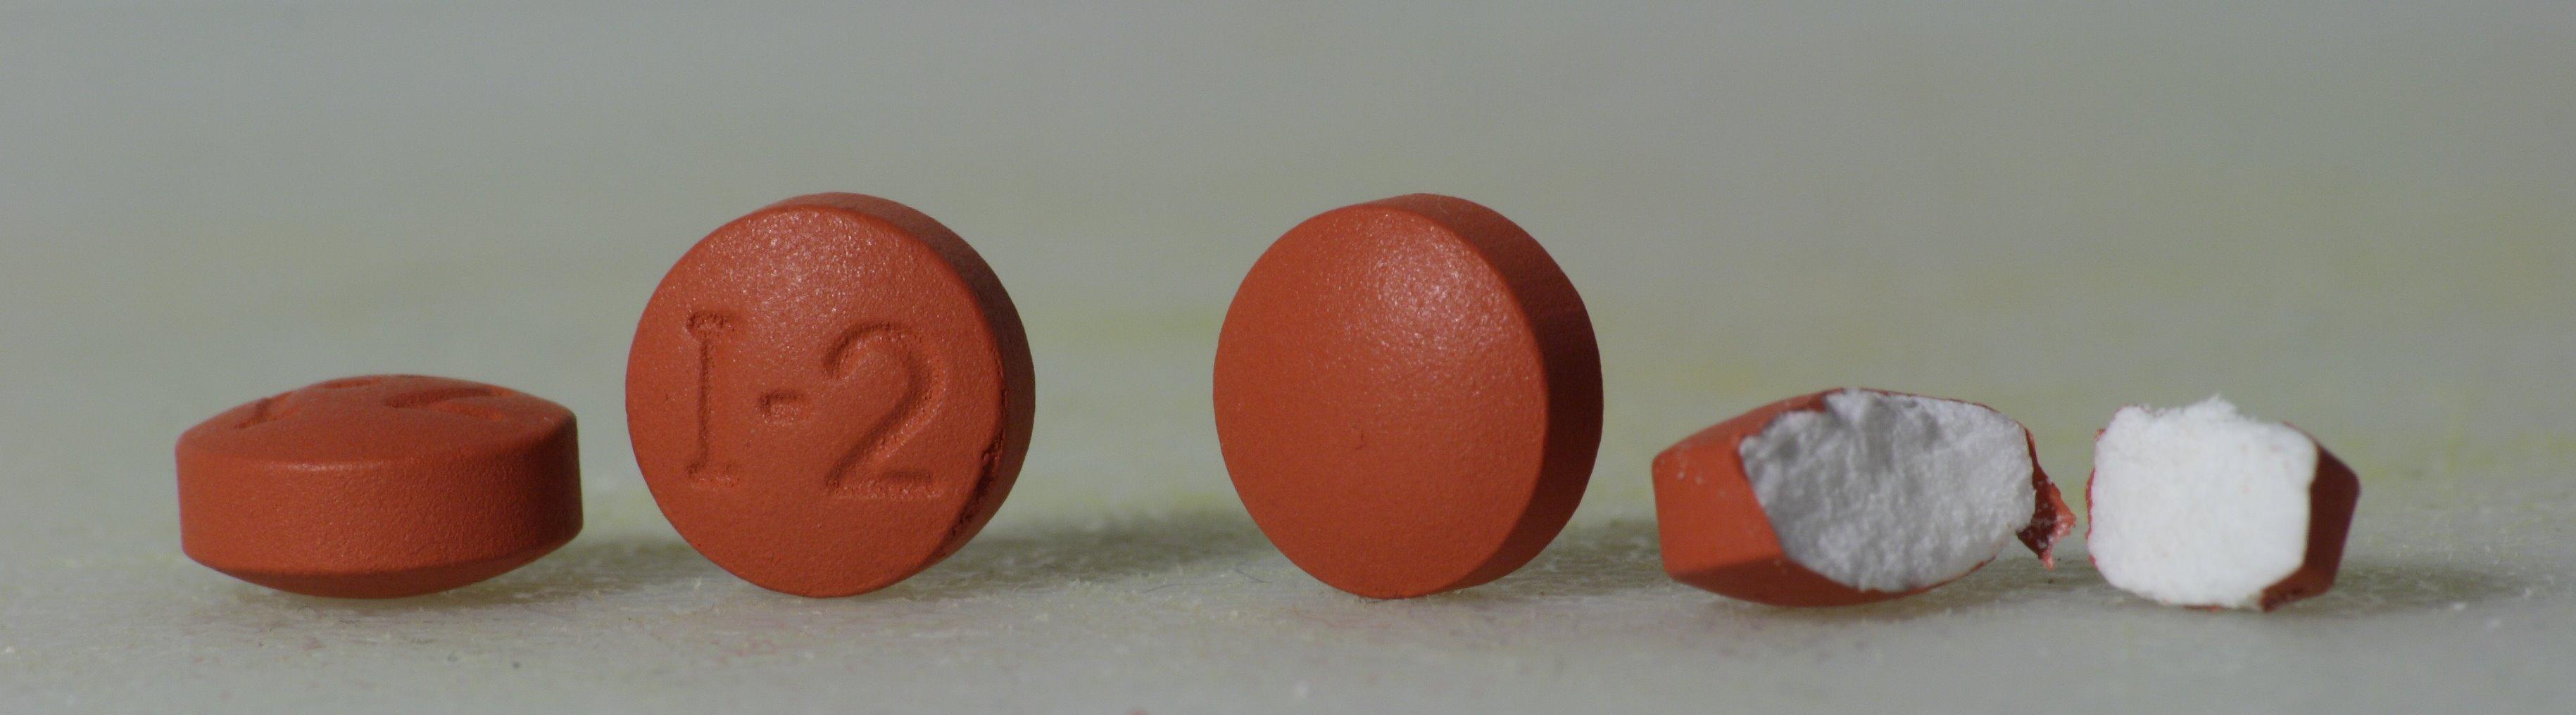 Ibuprofen Ibuprofen Tylenol Difference